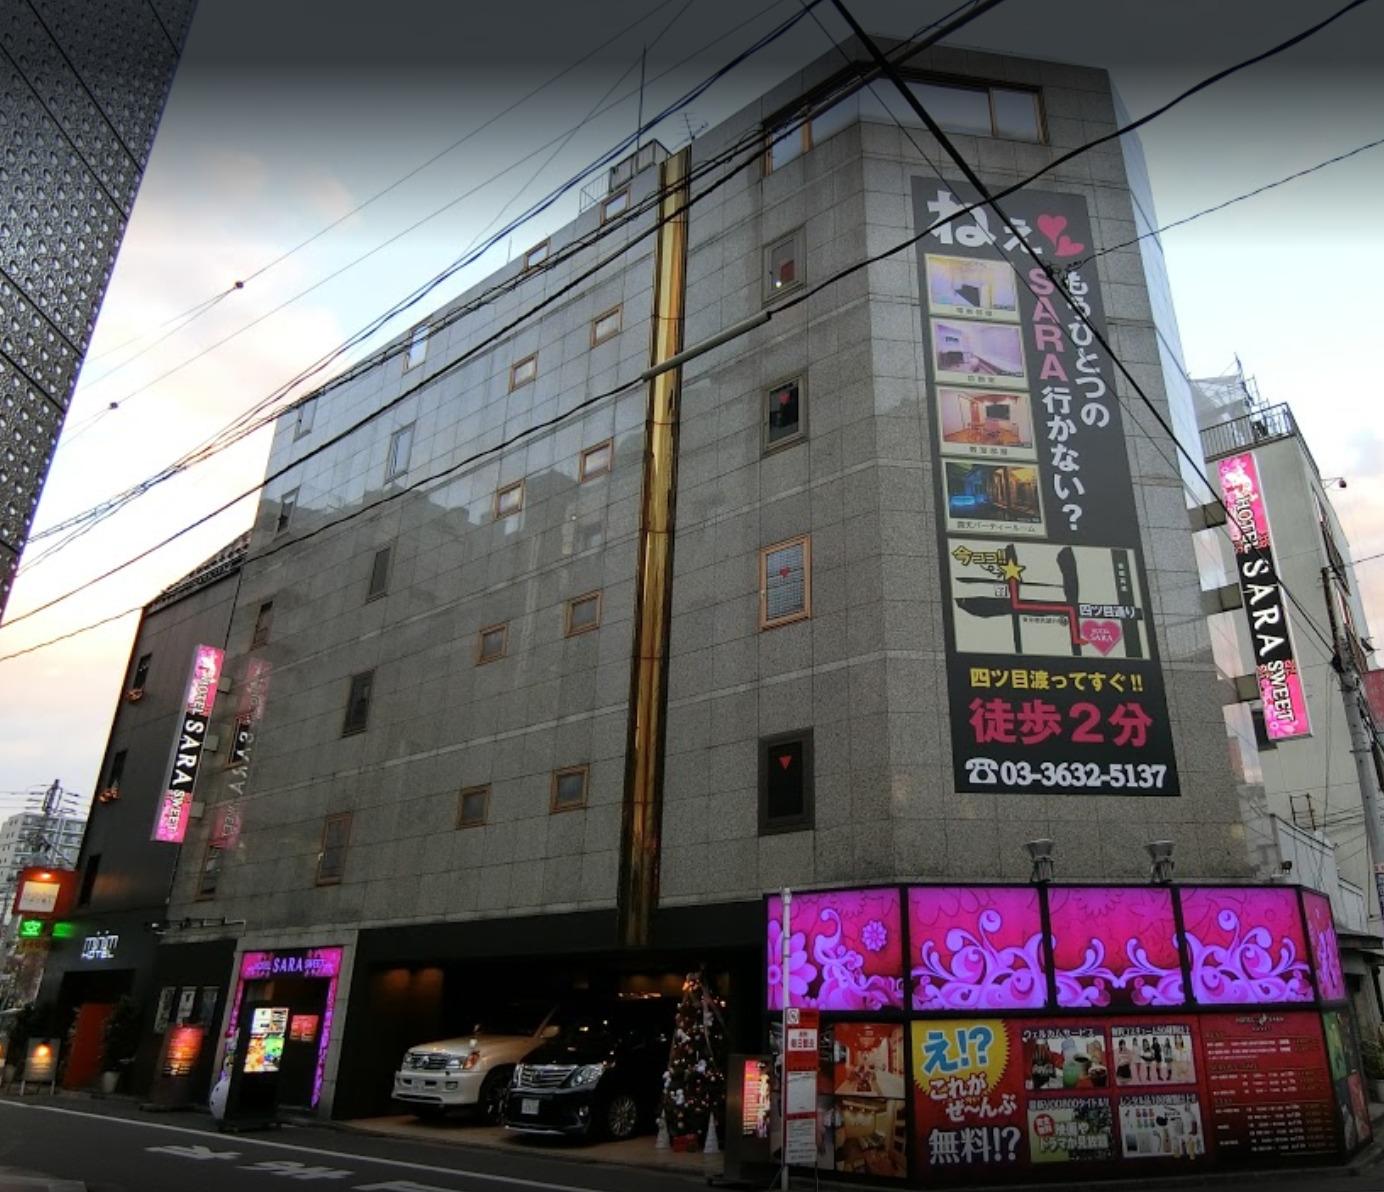 「ホテル 錦糸町 サラ スイート」の画像検索結果